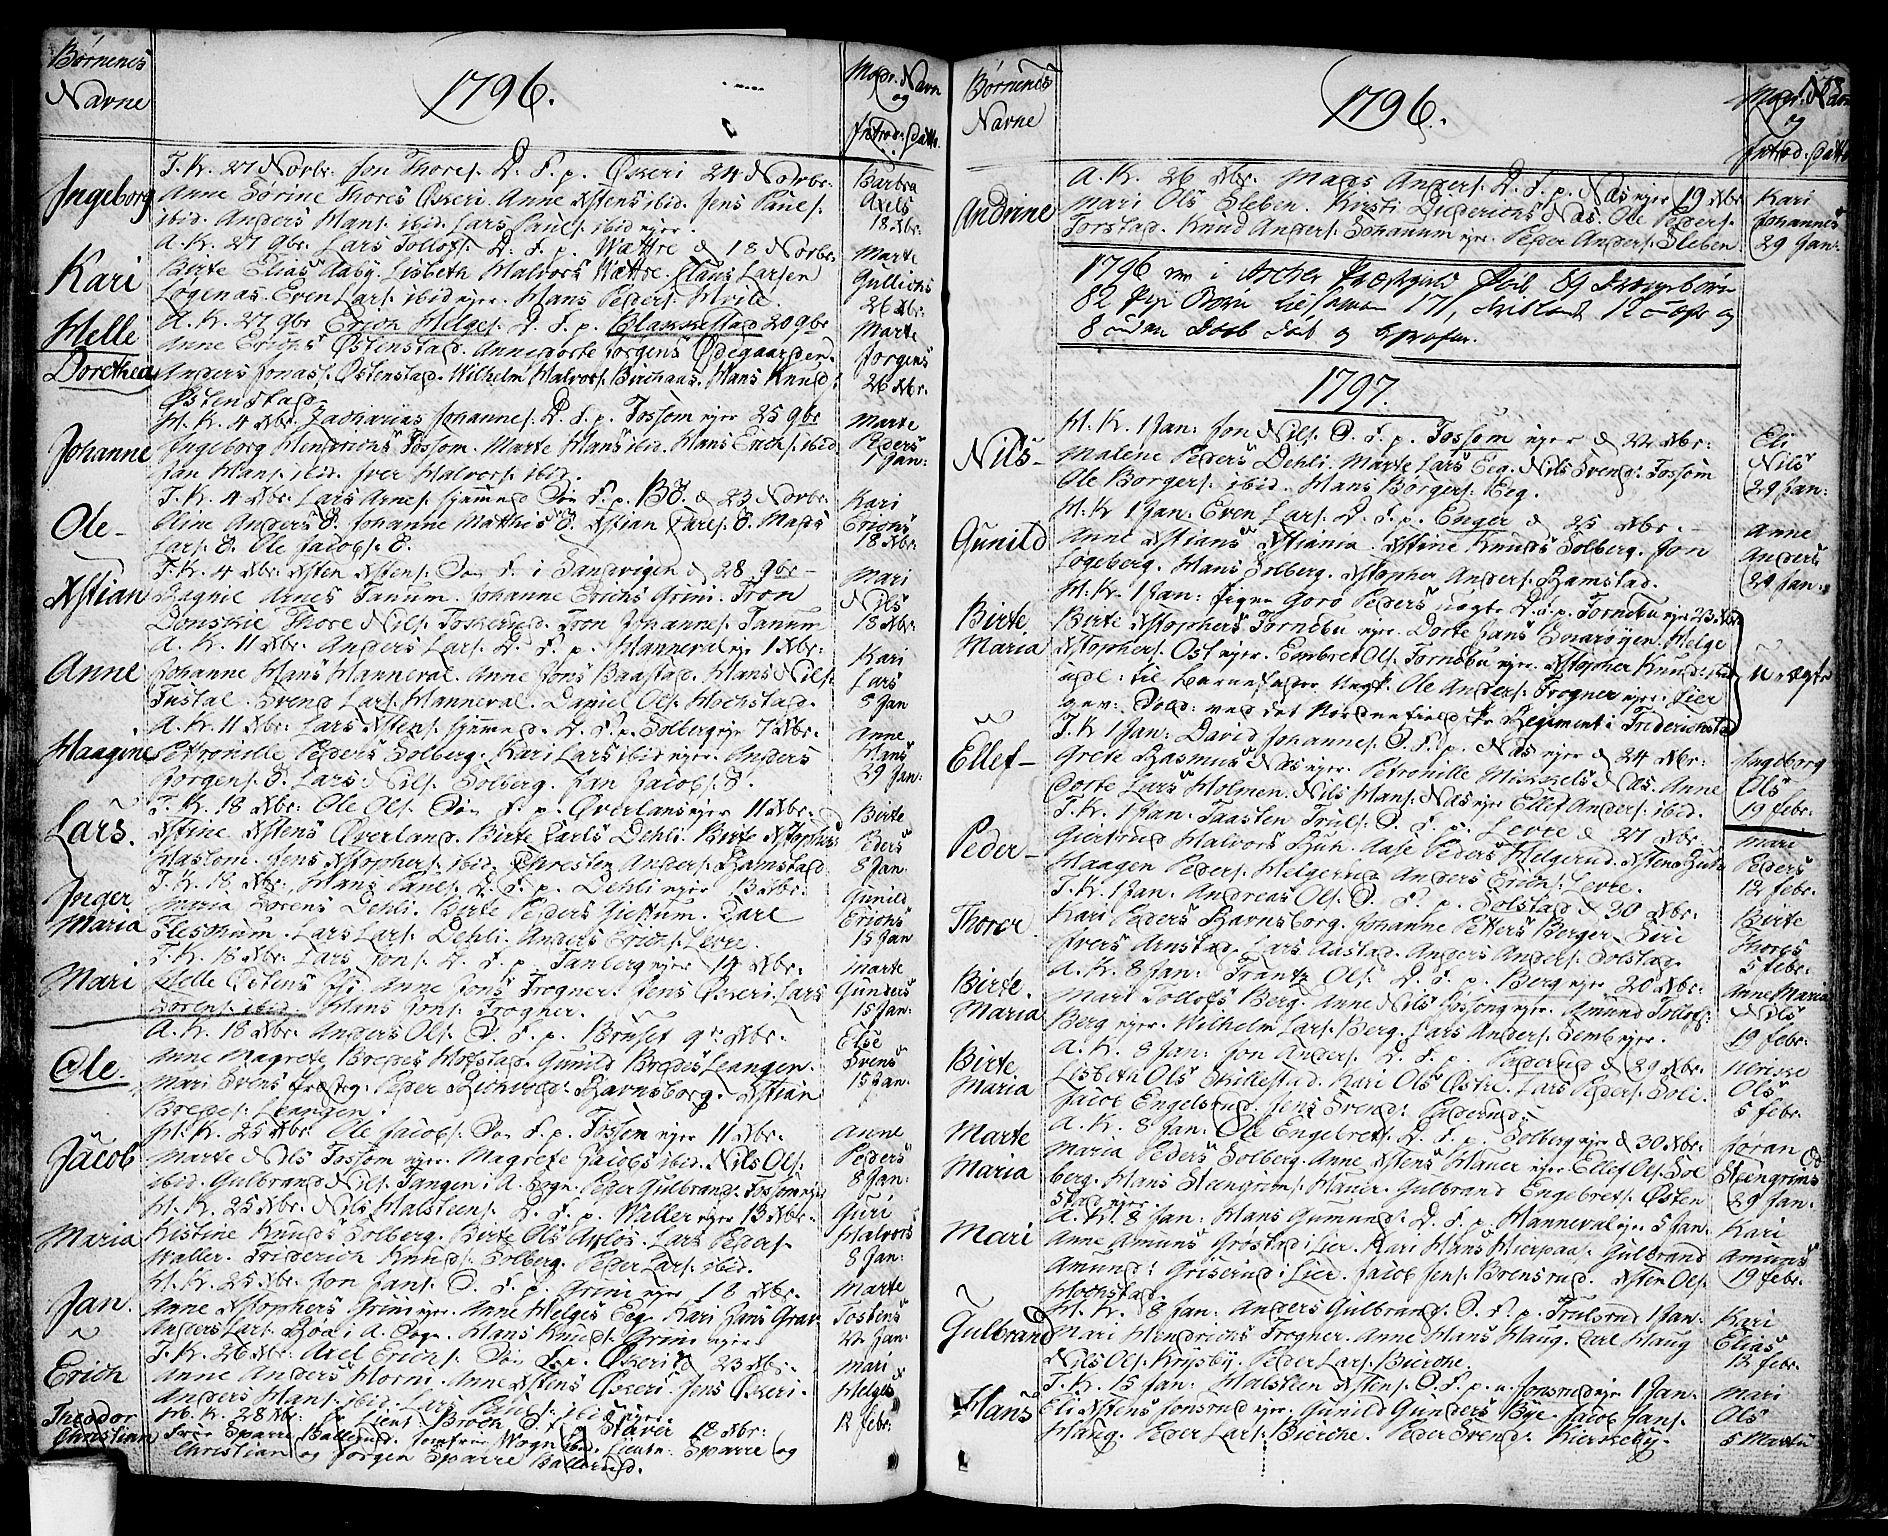 SAO, Asker prestekontor Kirkebøker, F/Fa/L0003: Ministerialbok nr. I 3, 1767-1807, s. 138